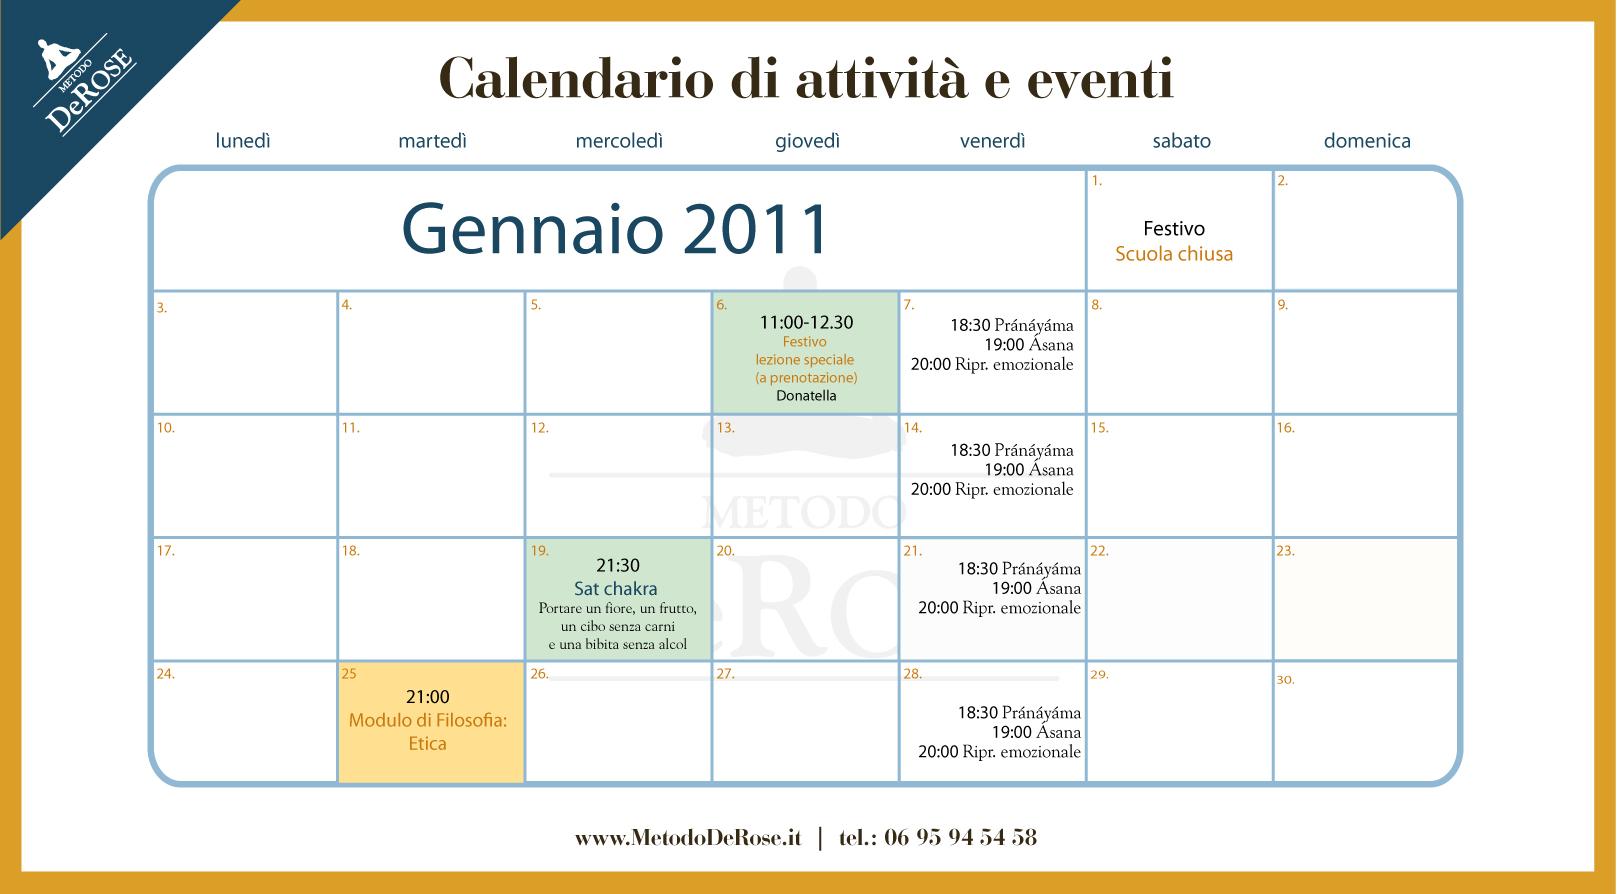 Calendario Attivita.Calendario Attivita Gennaio Derose Method Italia